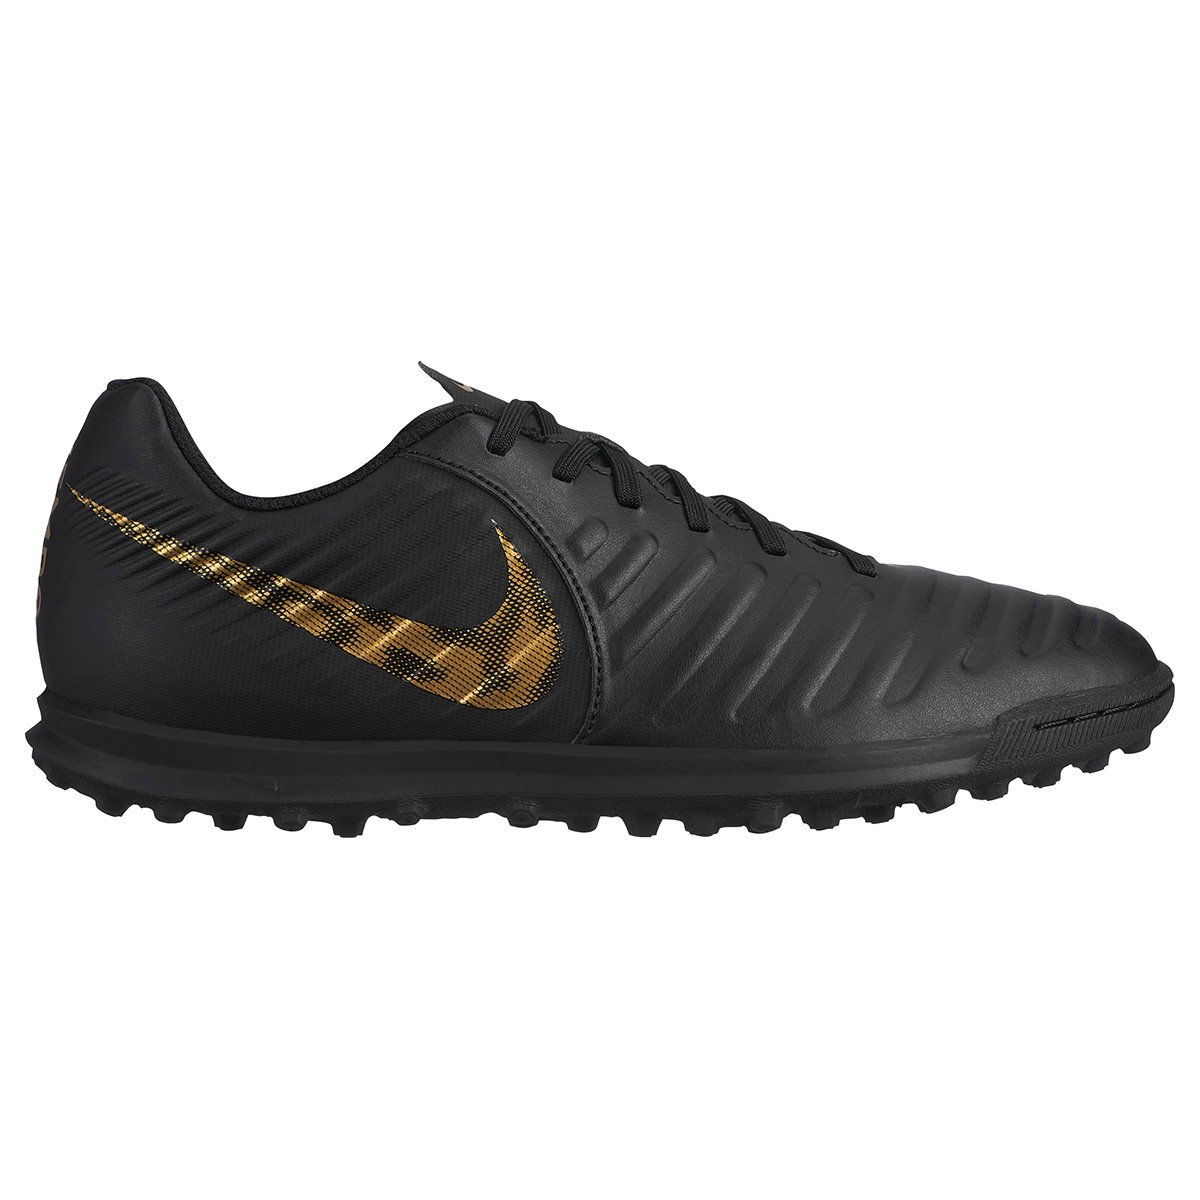 70ba8511d6876 Chuteira Society Nike Tiempo Legend 7 Club TF - Preto e Dourado - Compre  Agora